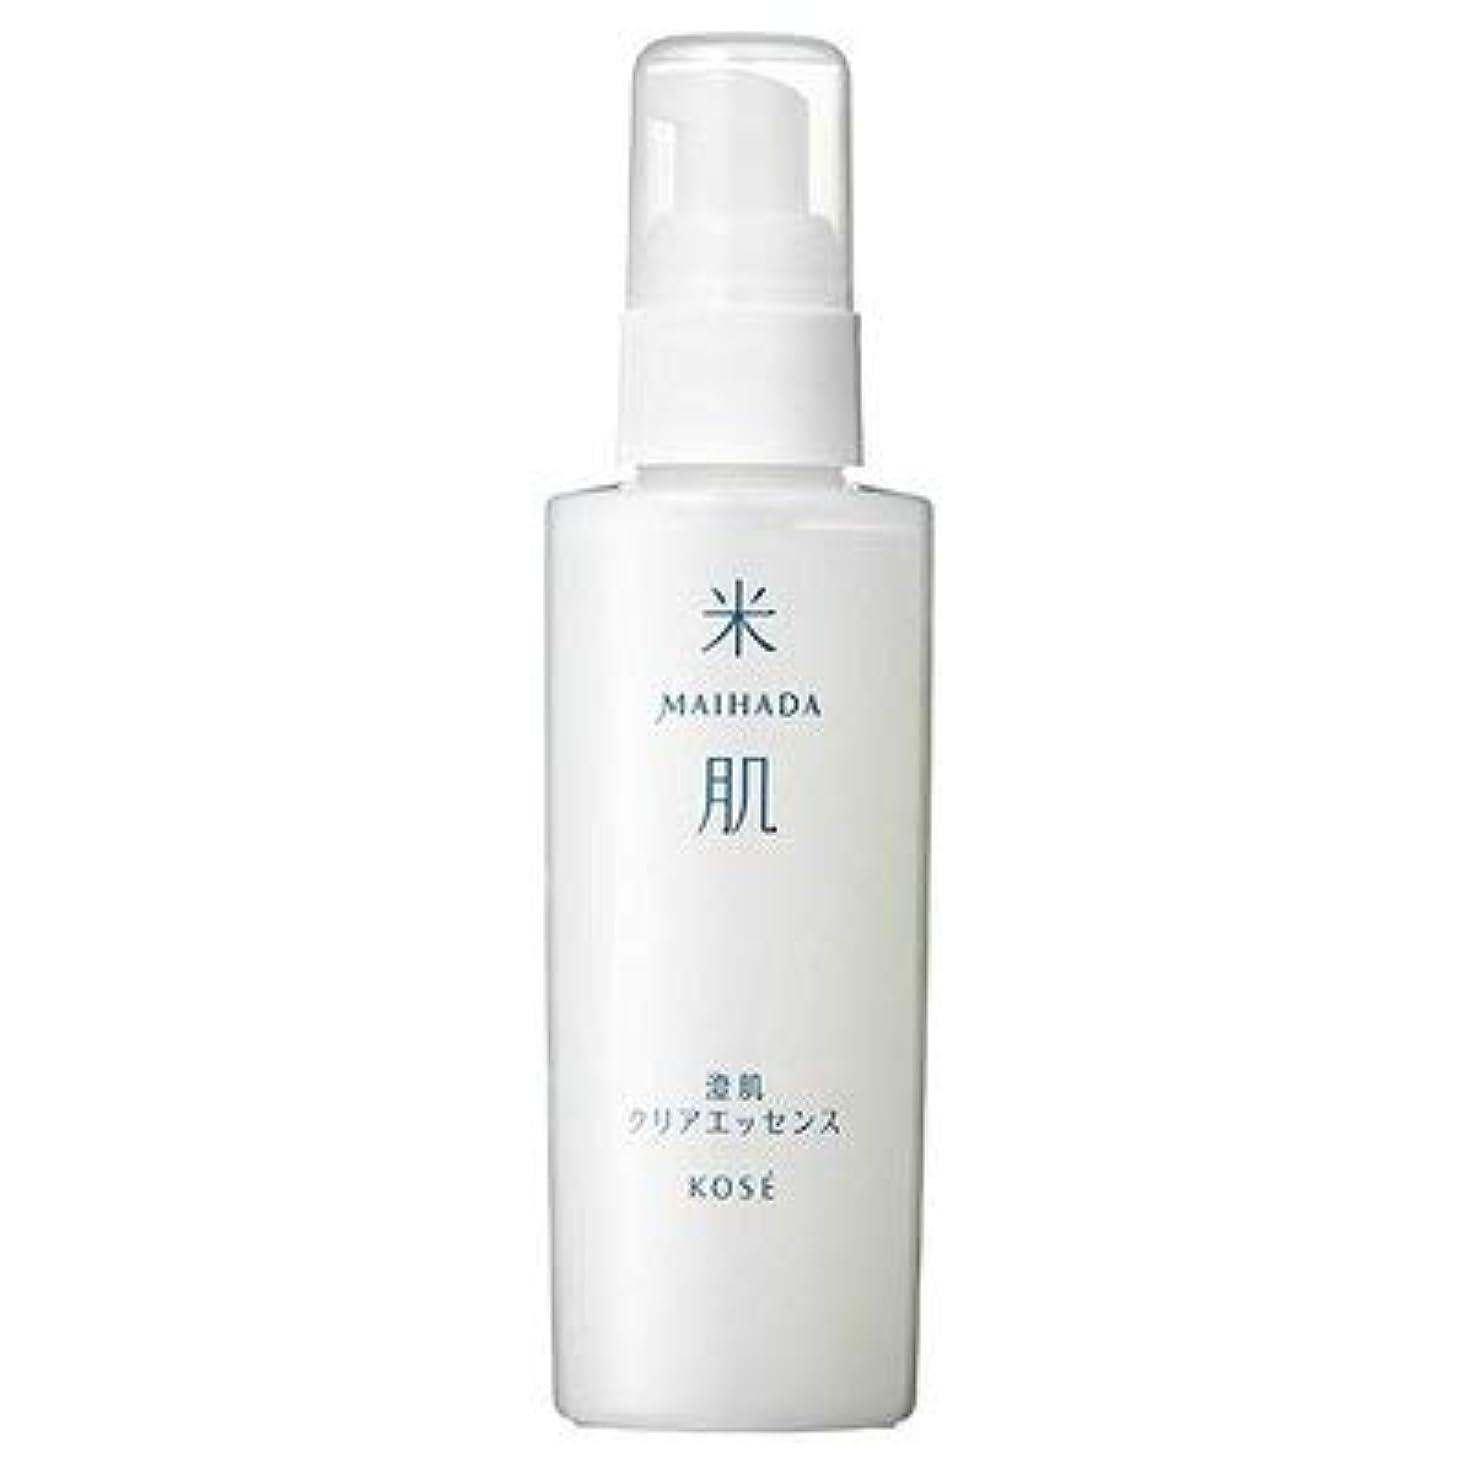 メロドラマティック温度解任米肌 澄肌クリアエッセンス(本体/無香料) 美容液